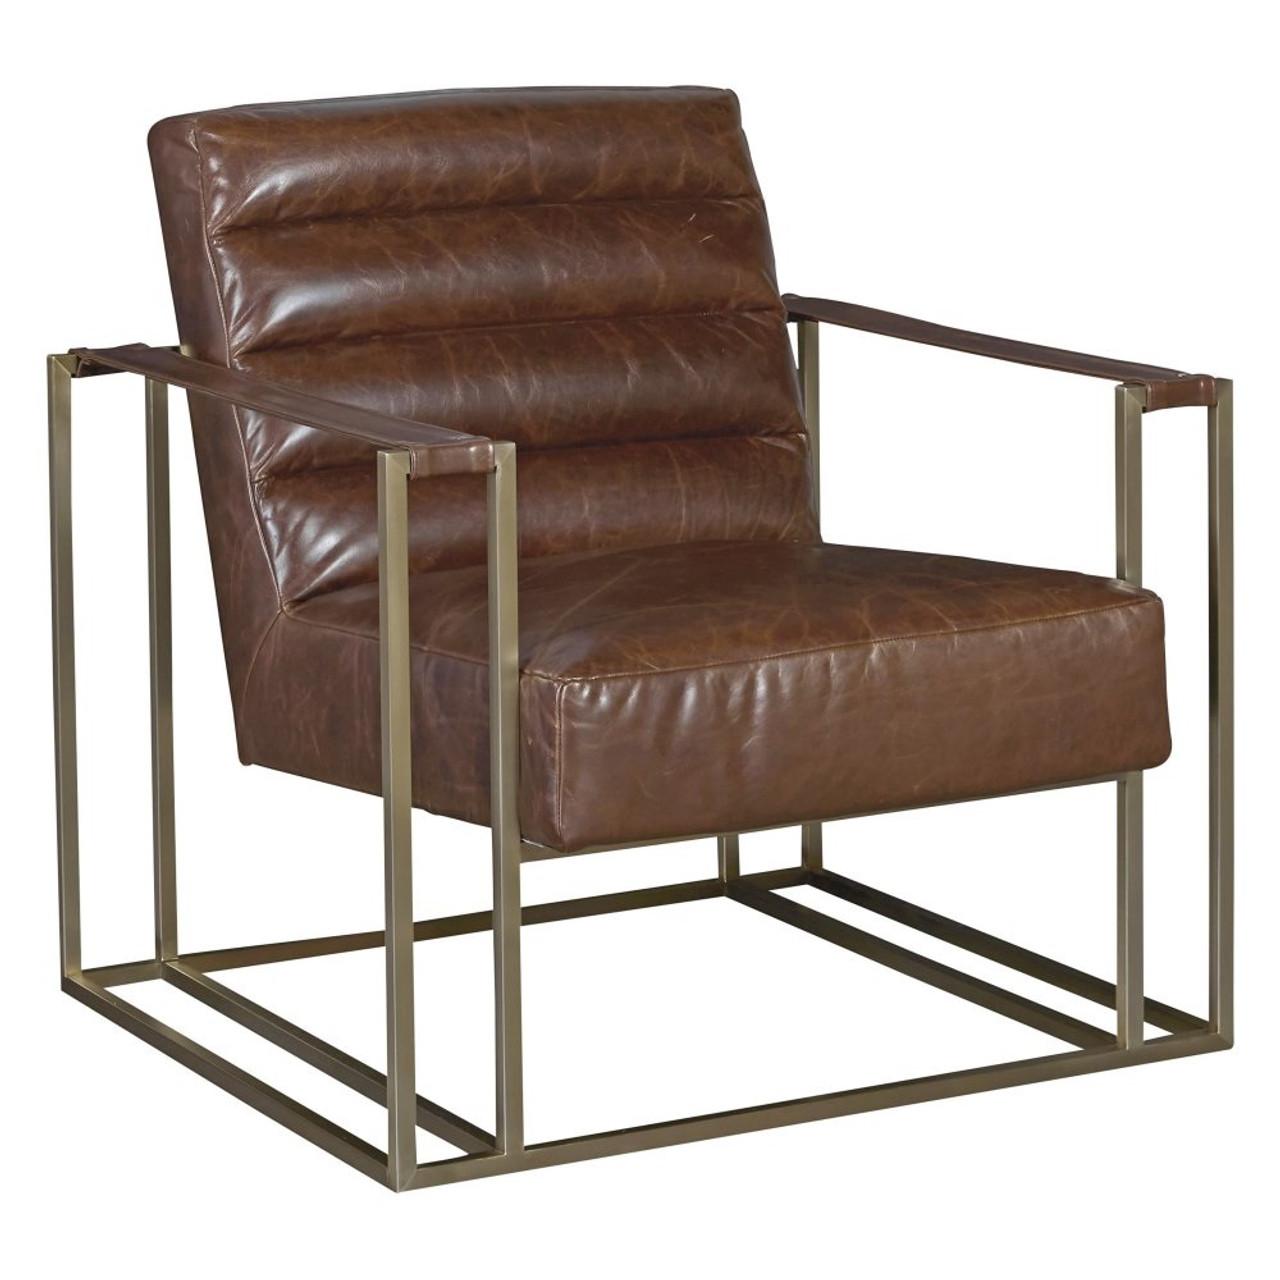 Attrayant Jensen Modern Brown Leather Club Chair